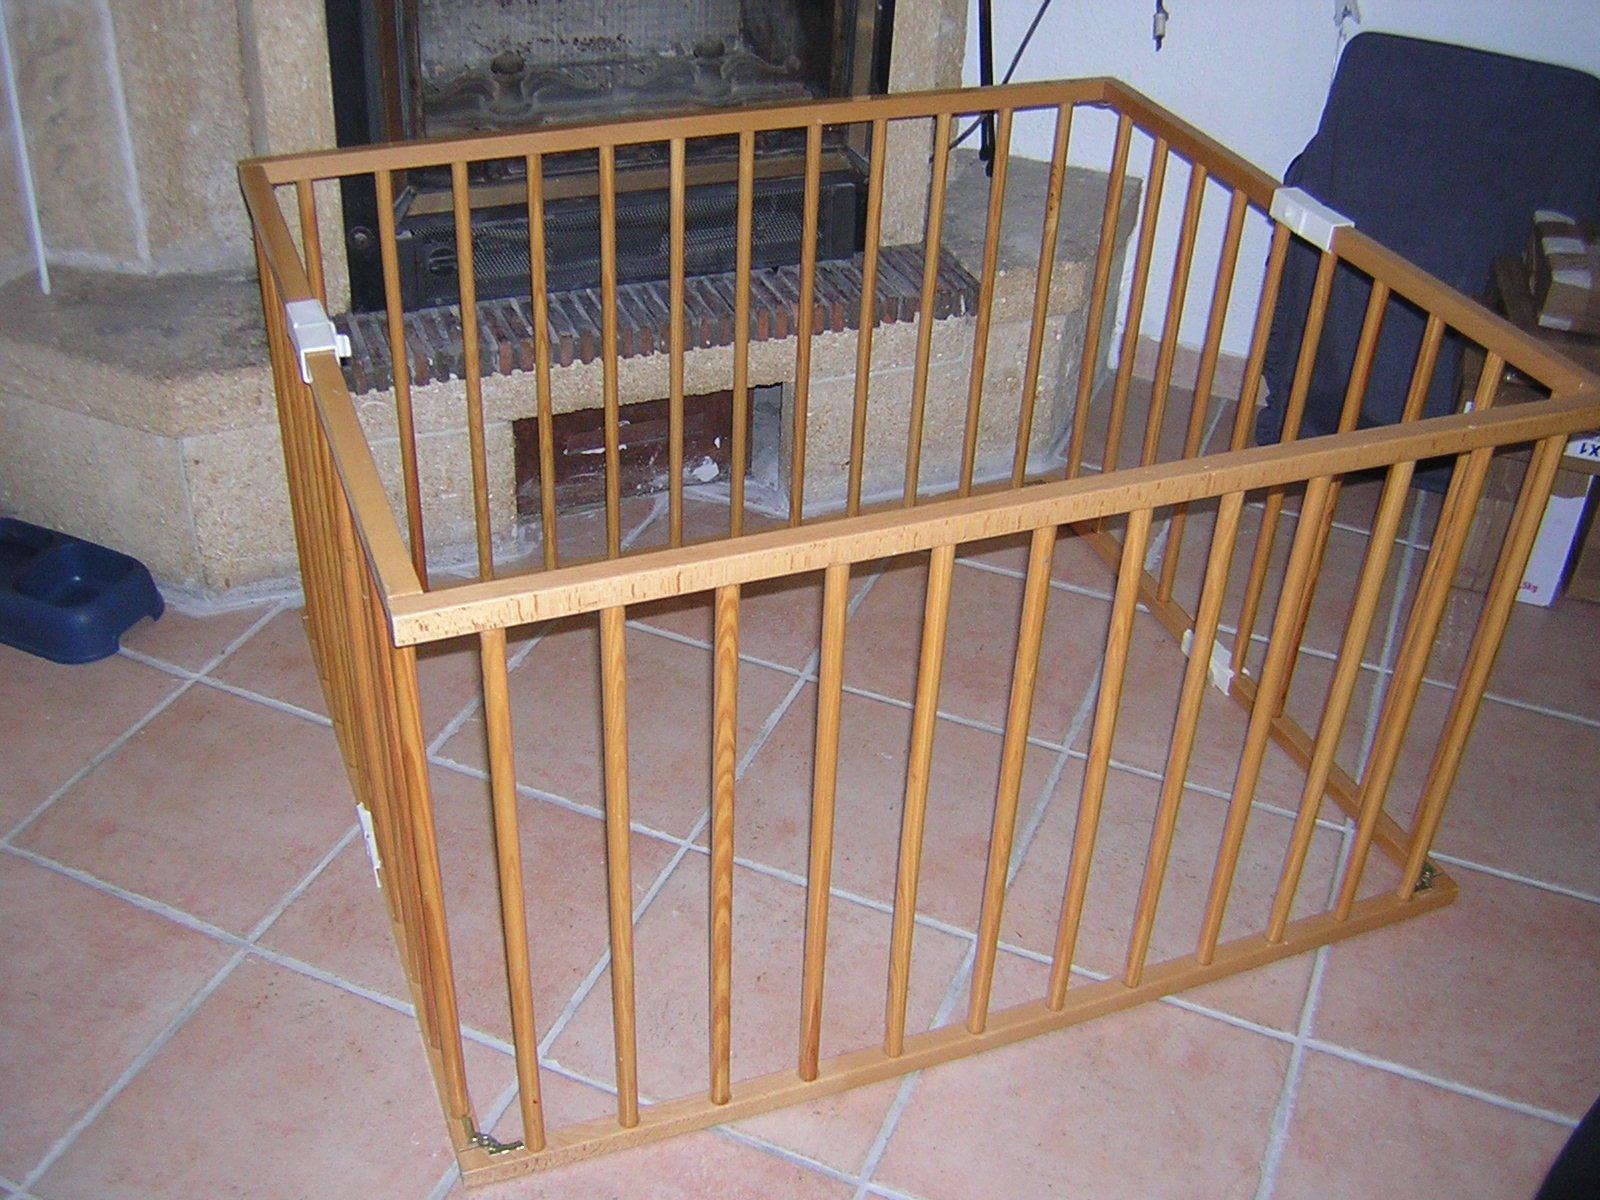 Parc bois combelle 25 euros les joux joux de bebe dolce 34 photos clu - Parc en bois hexagonal ...